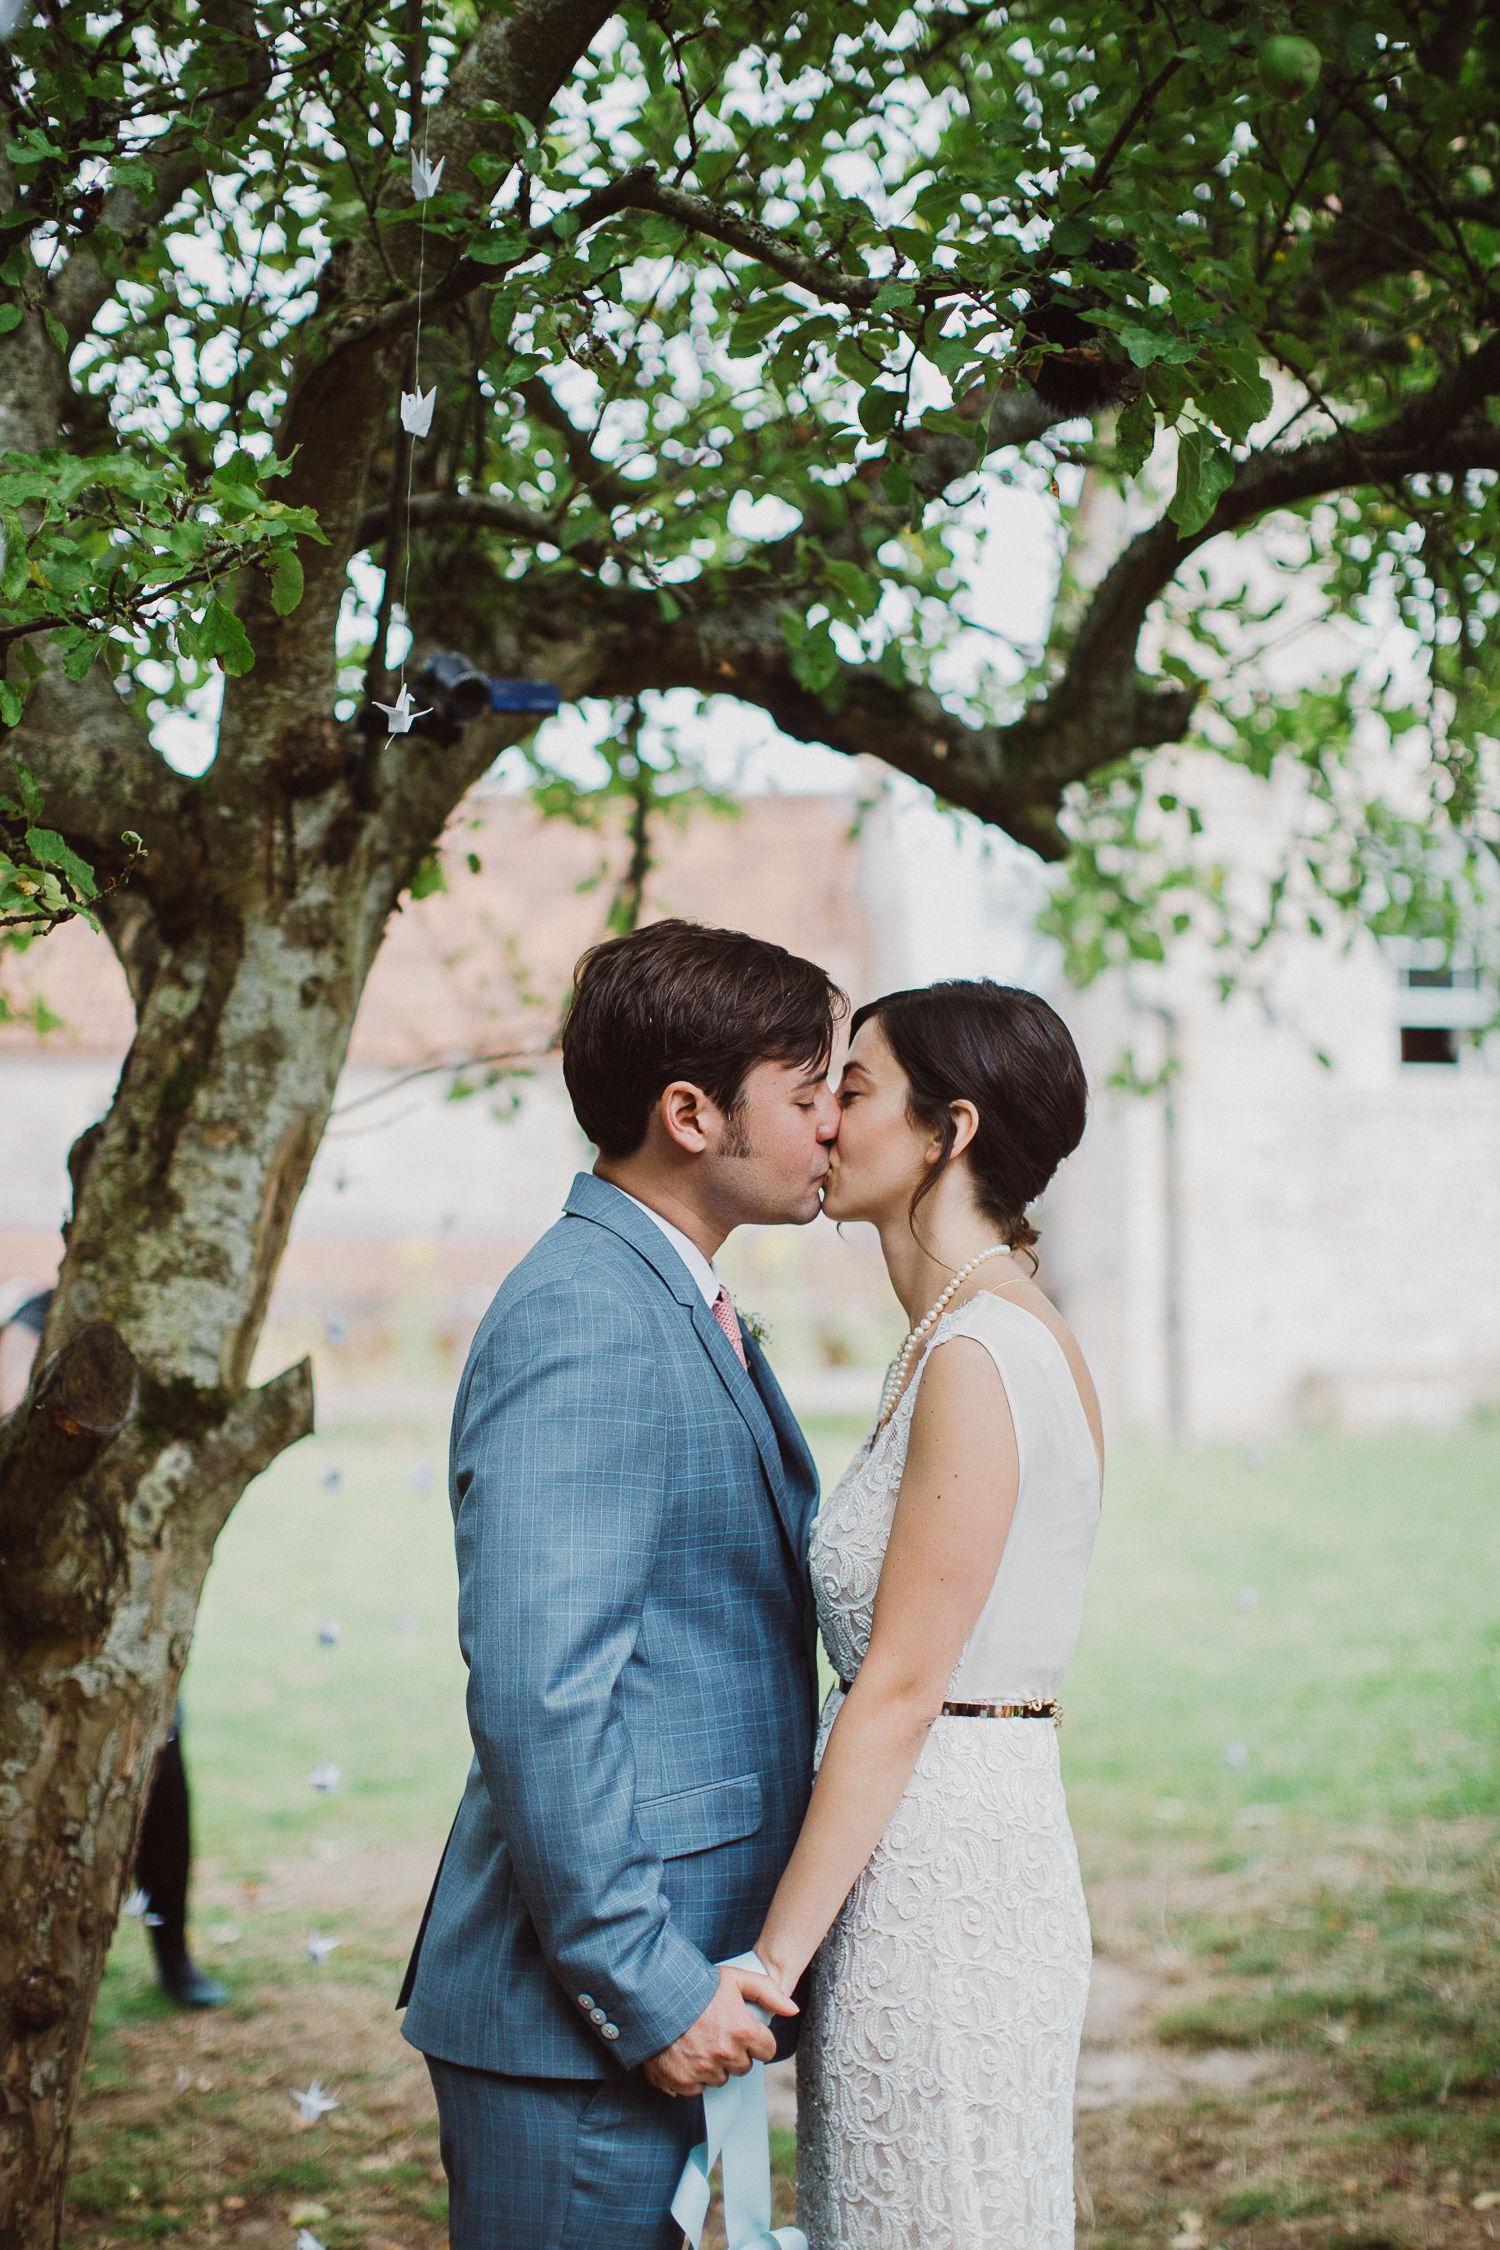 Wedding at Folly Farm Liron Erel Echoes & Wildhearts 0075.jpg